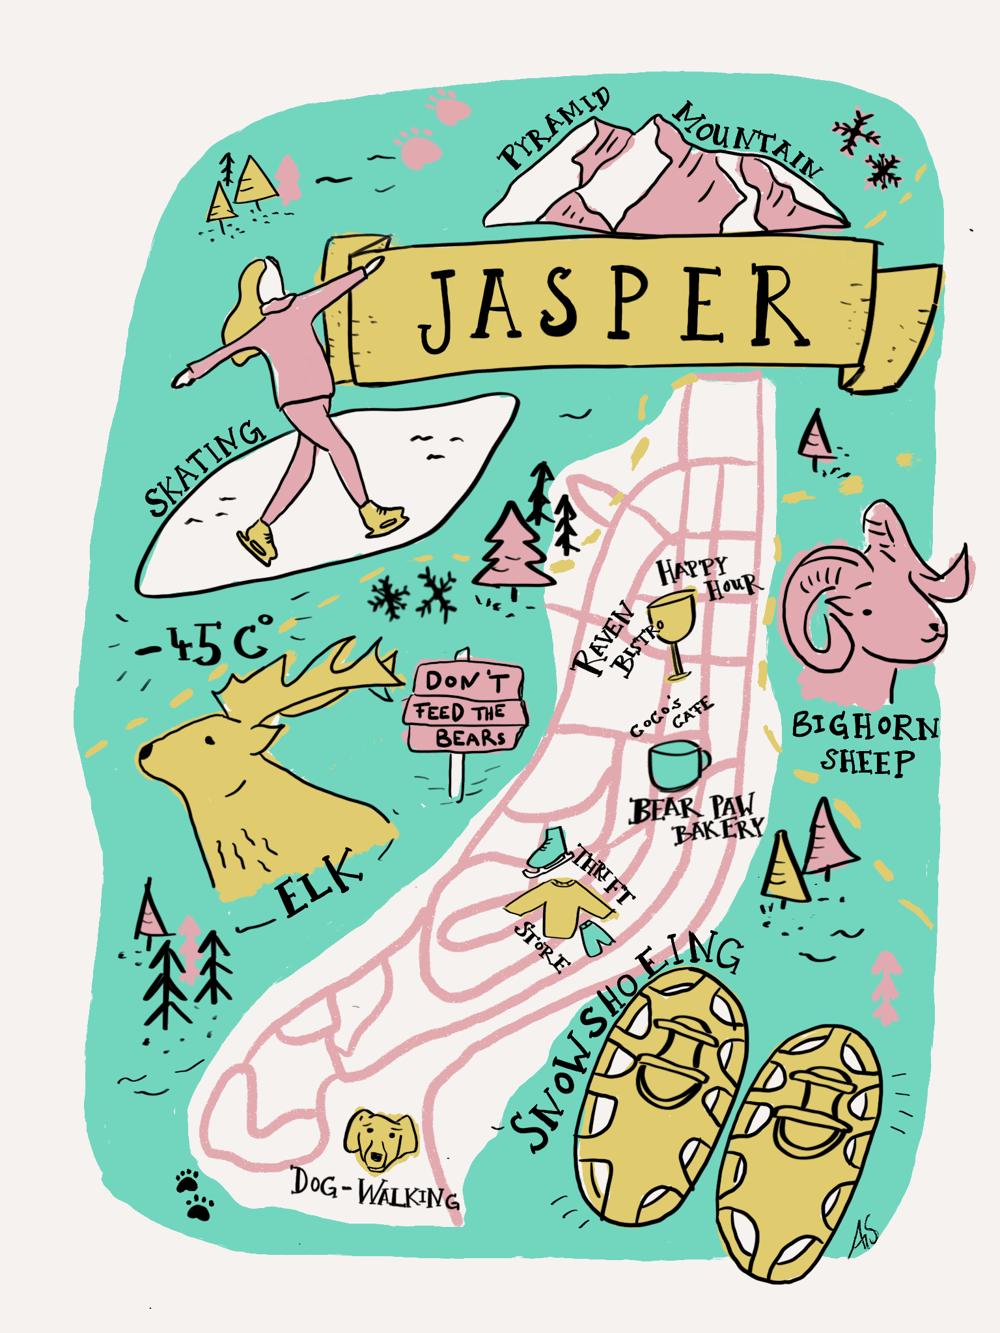 Winter in Jasper, Alberta - image 1 - student project